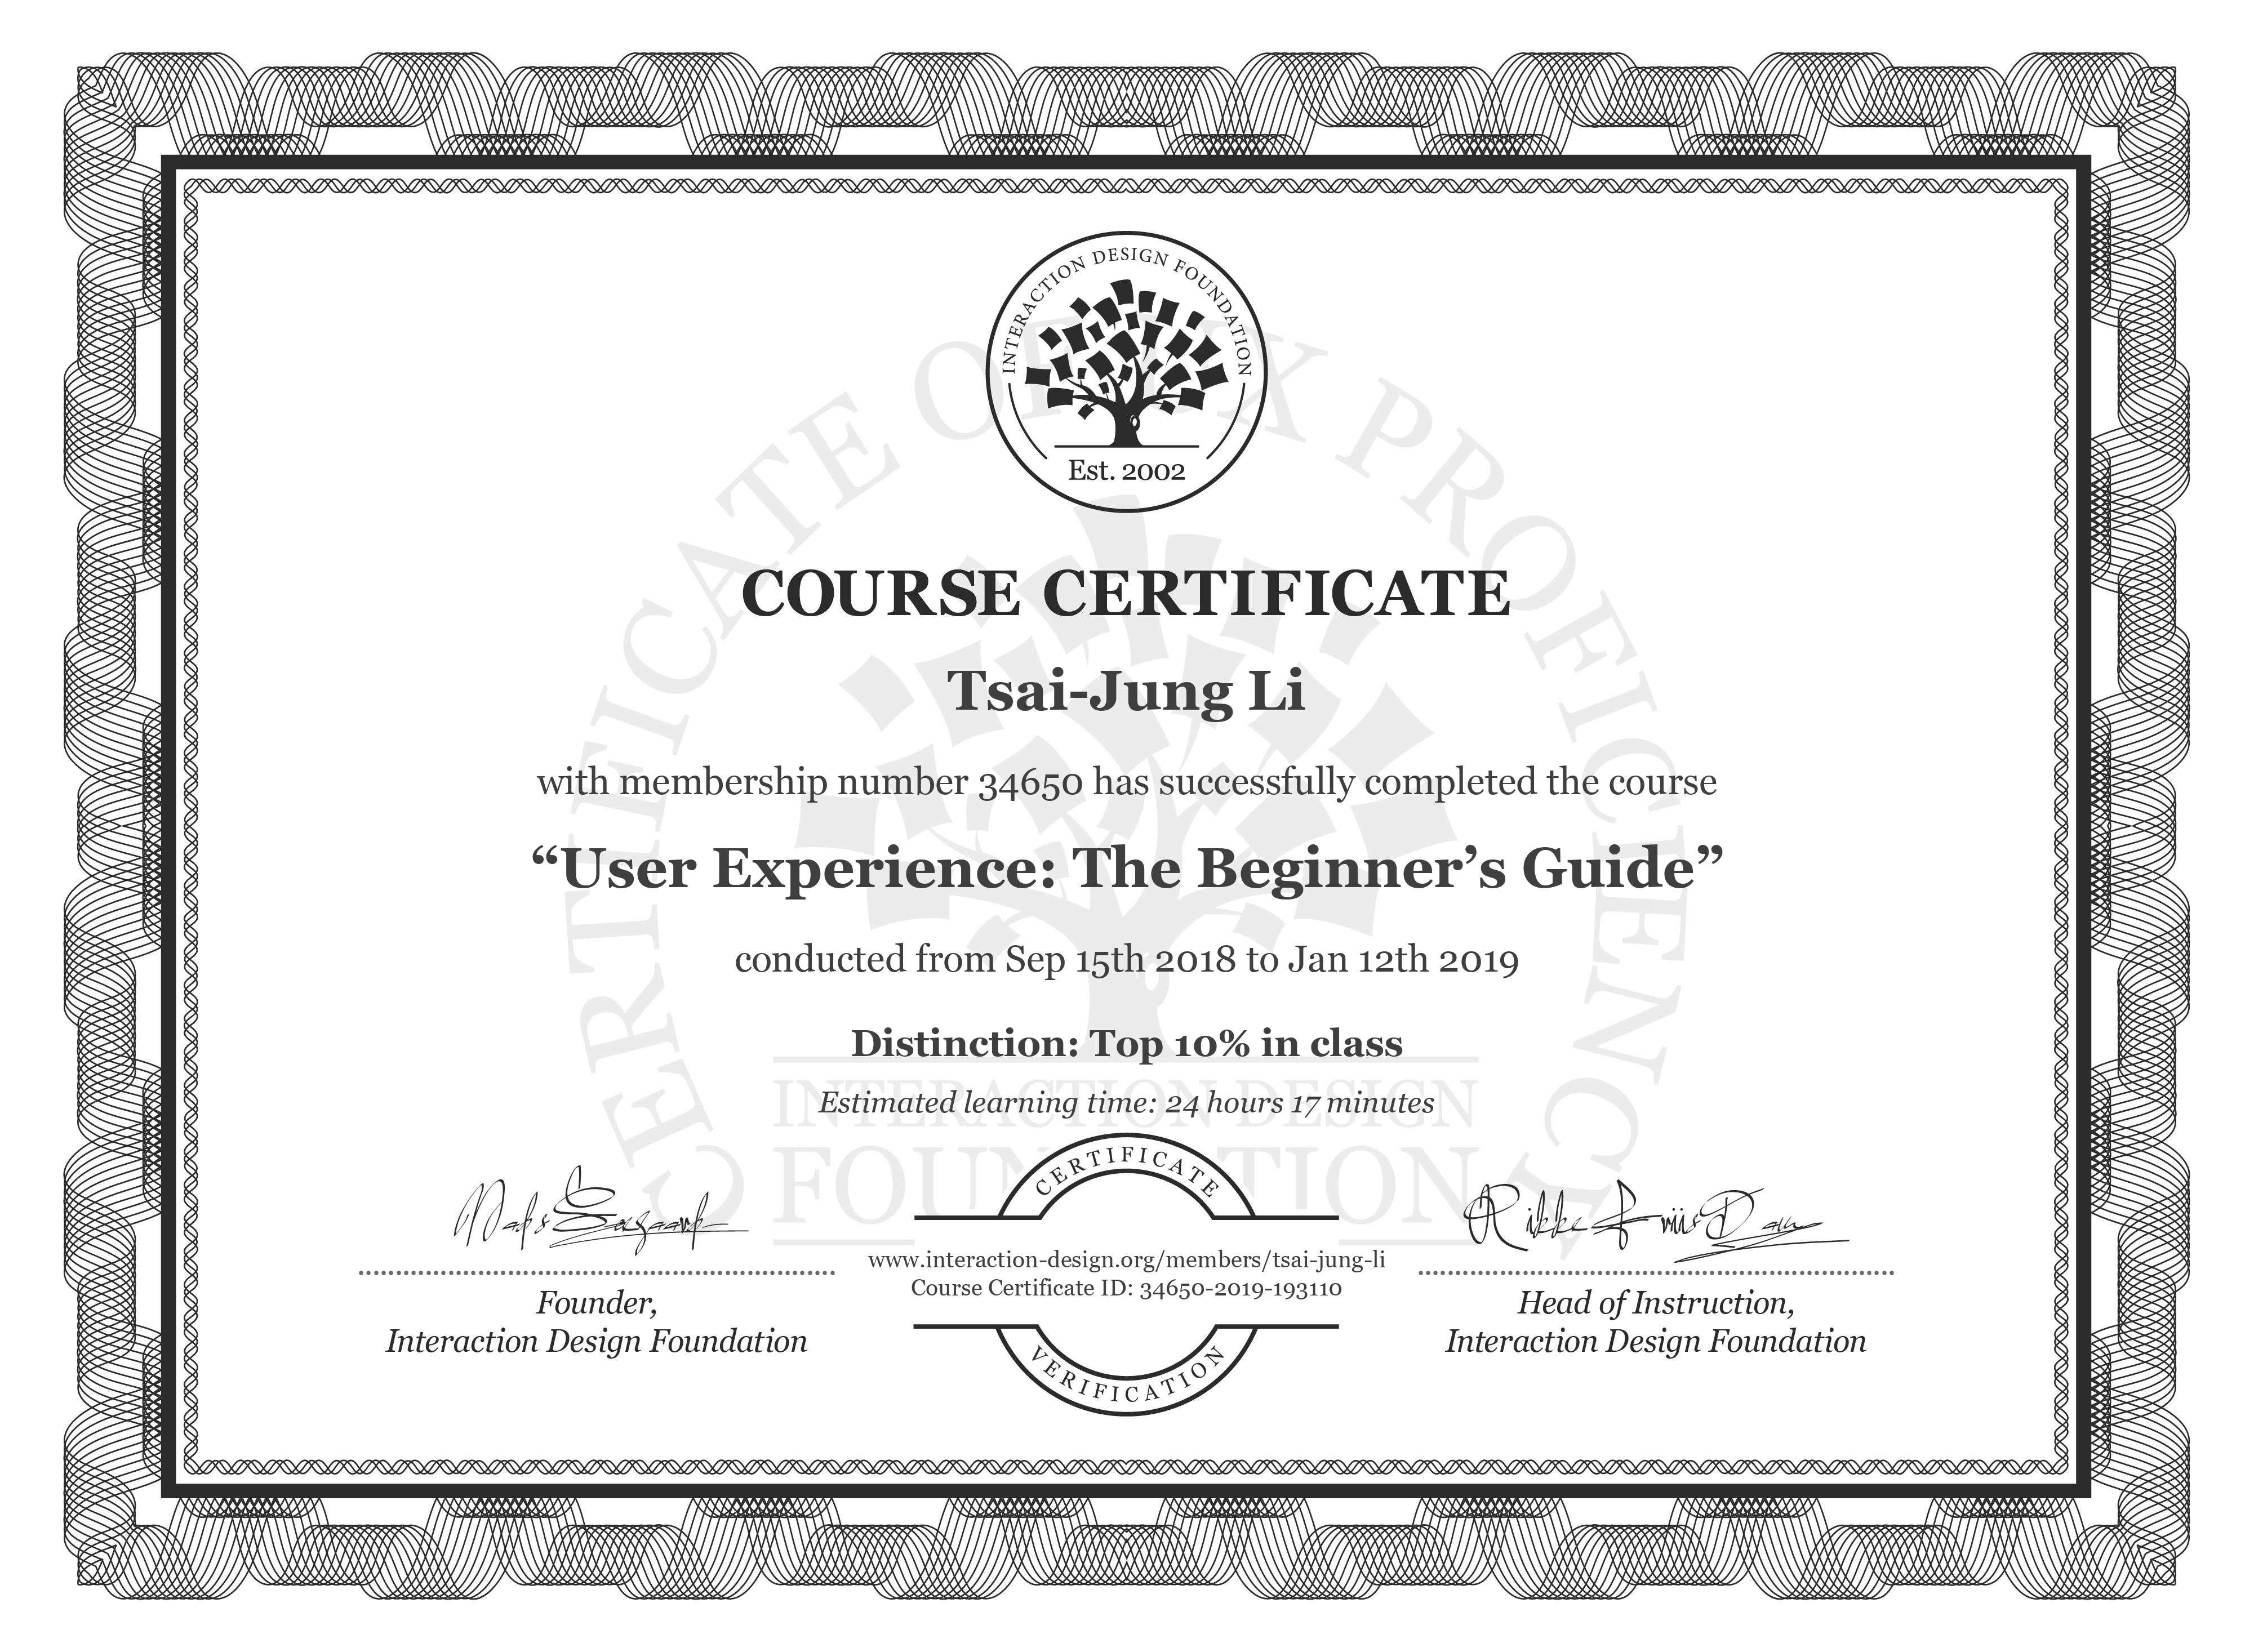 Tsai-Jung Li's Course Certificate: Become a UX Designer from Scratch